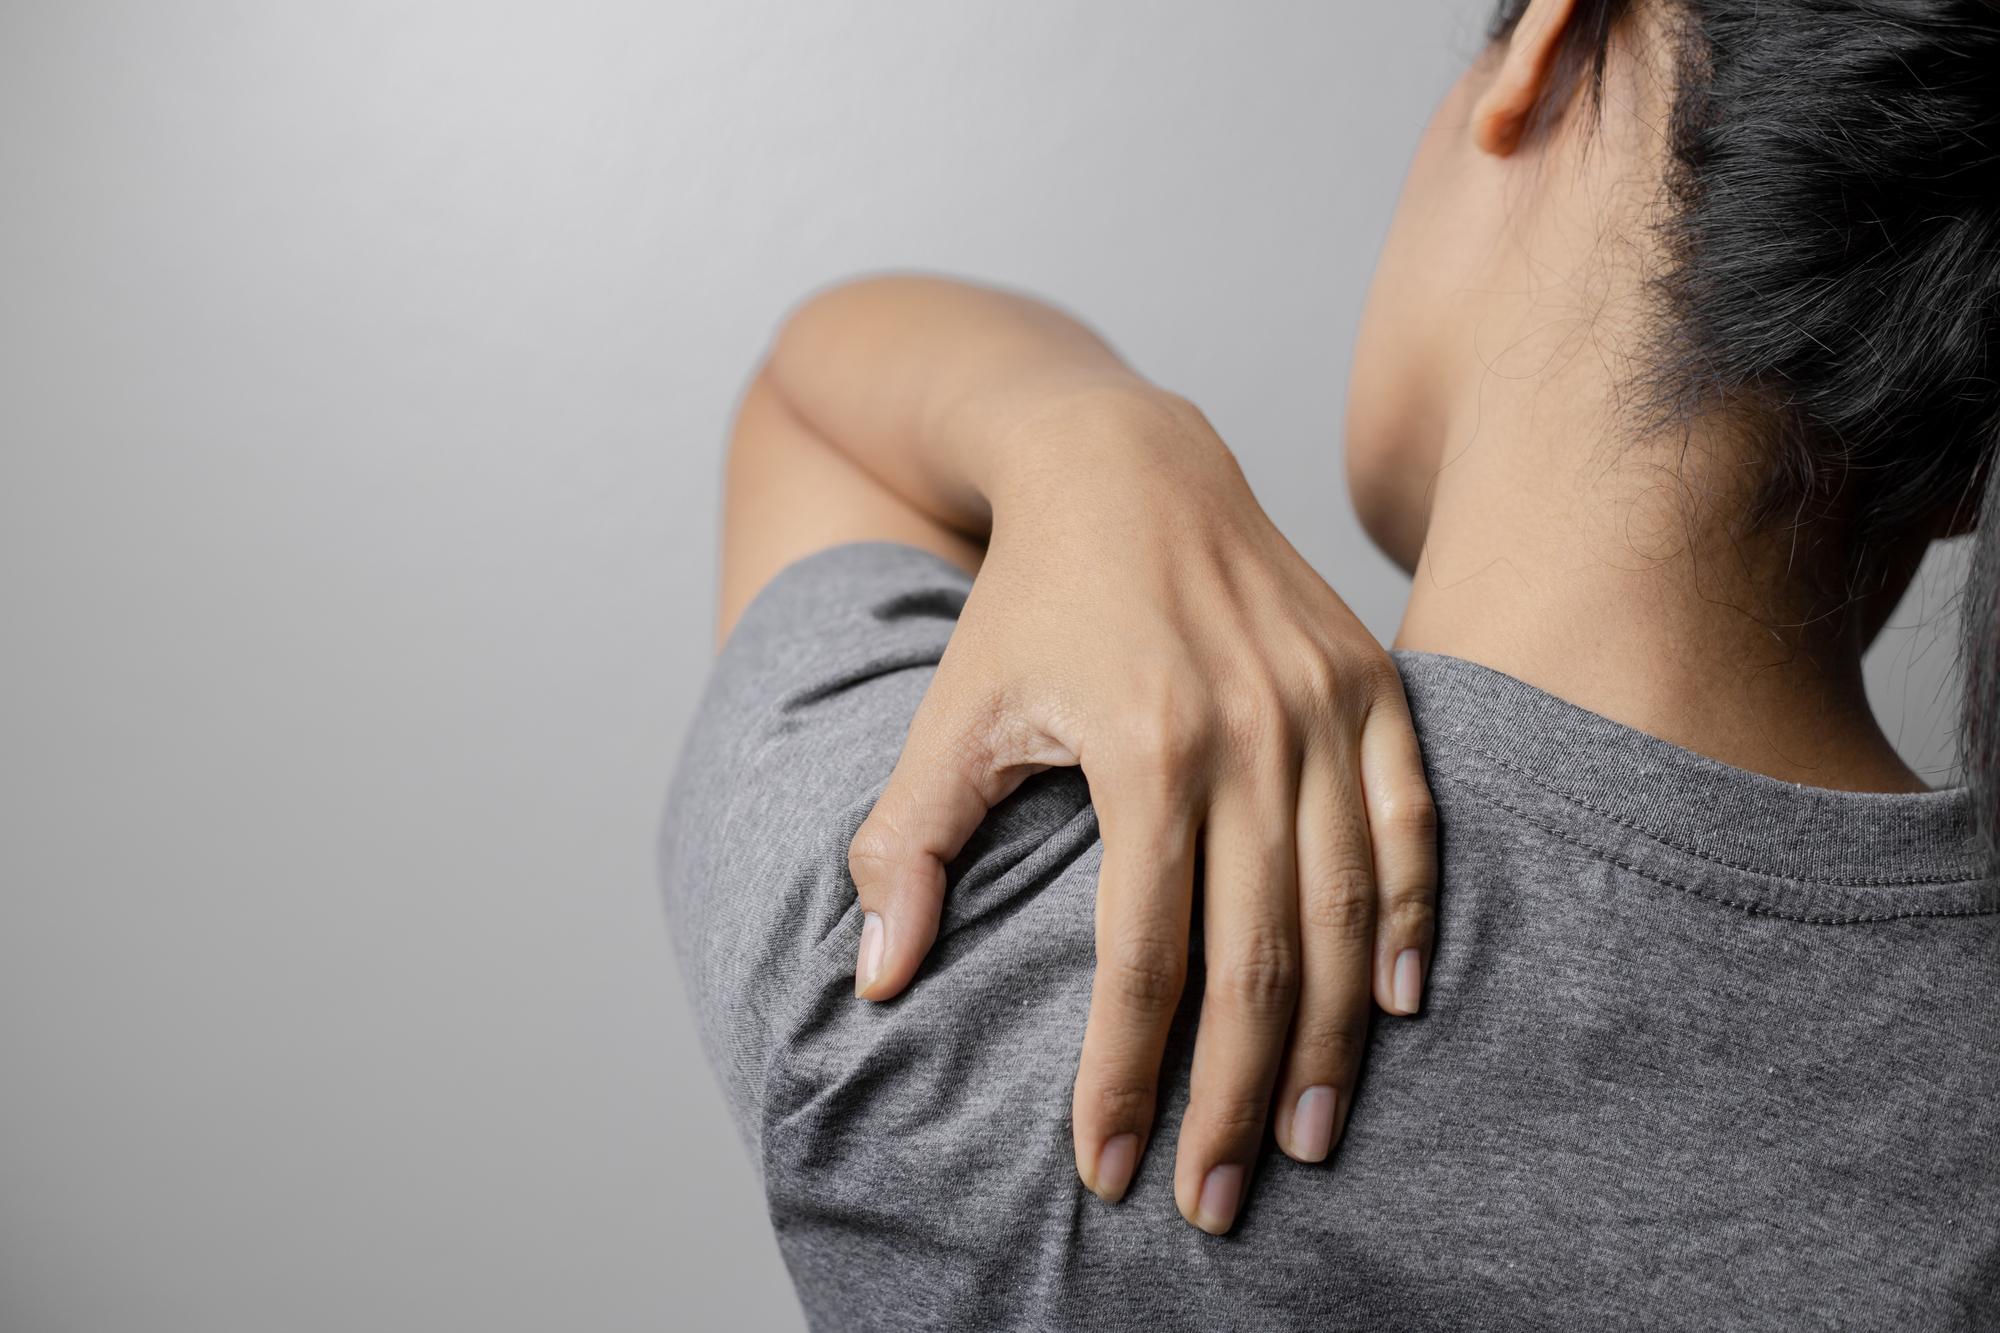 背中の痛み 左側 肩甲骨の下